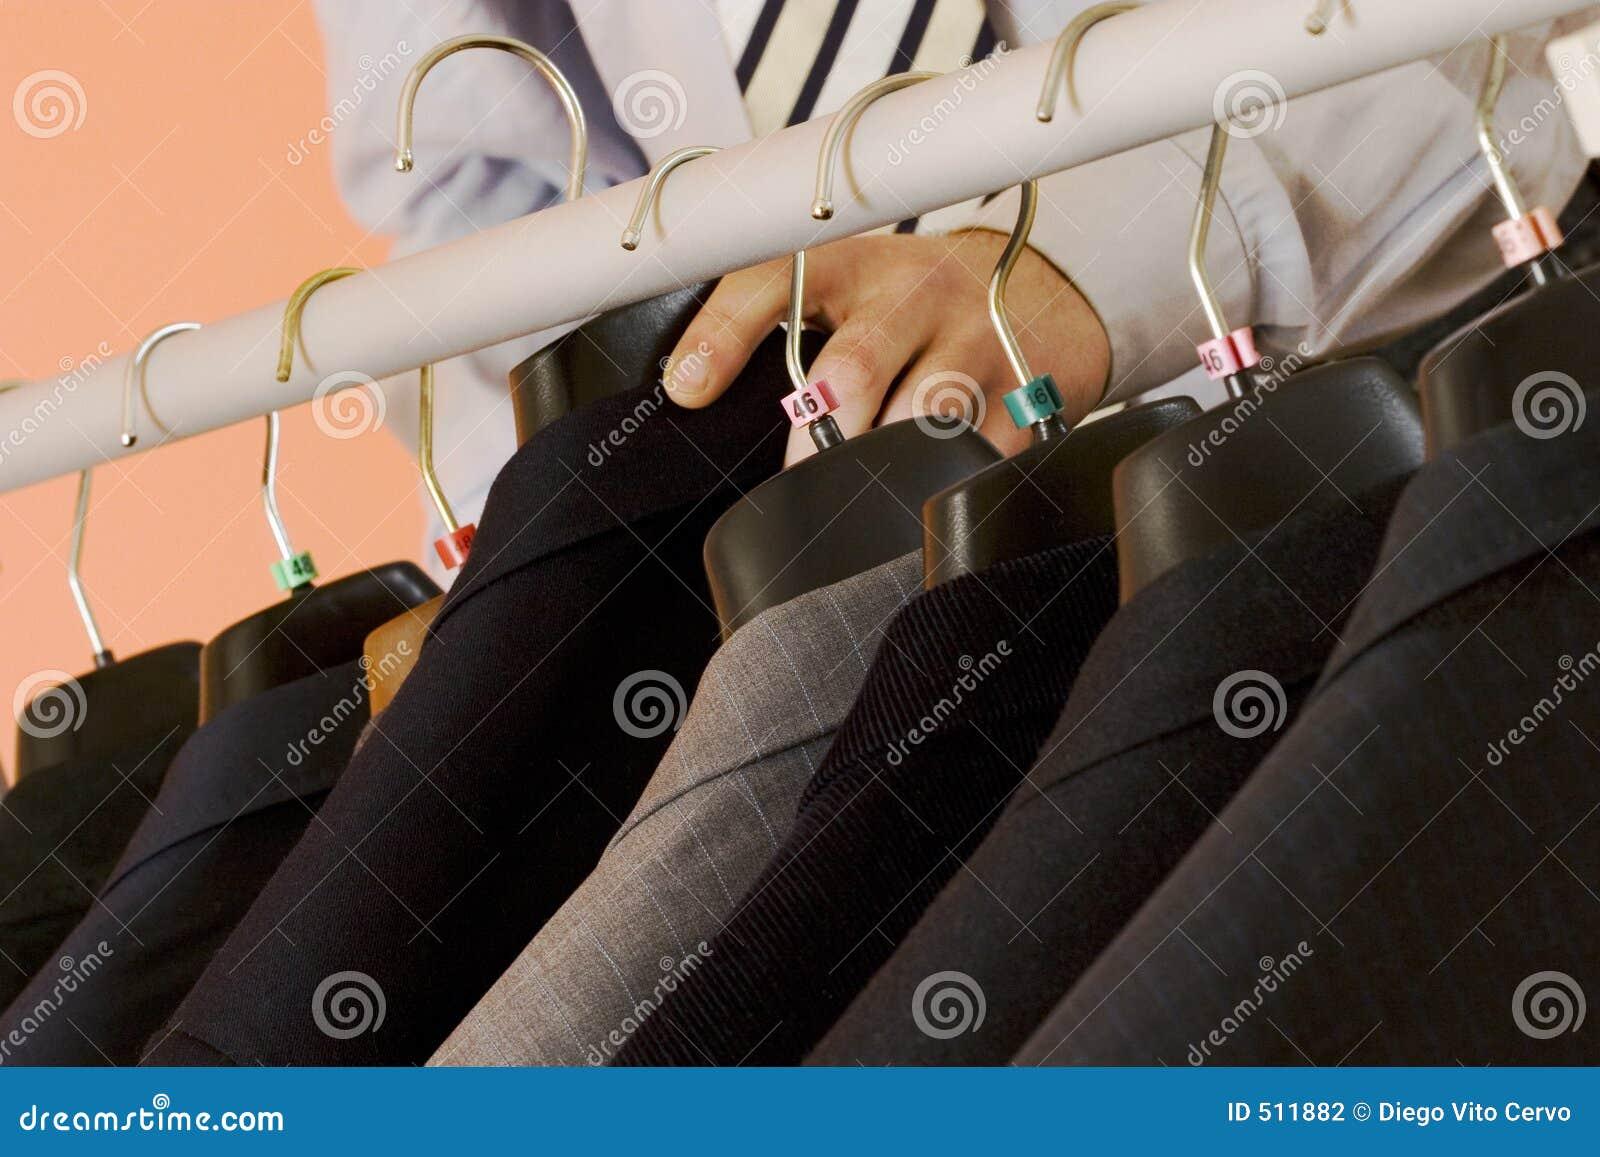 Choosing the suit